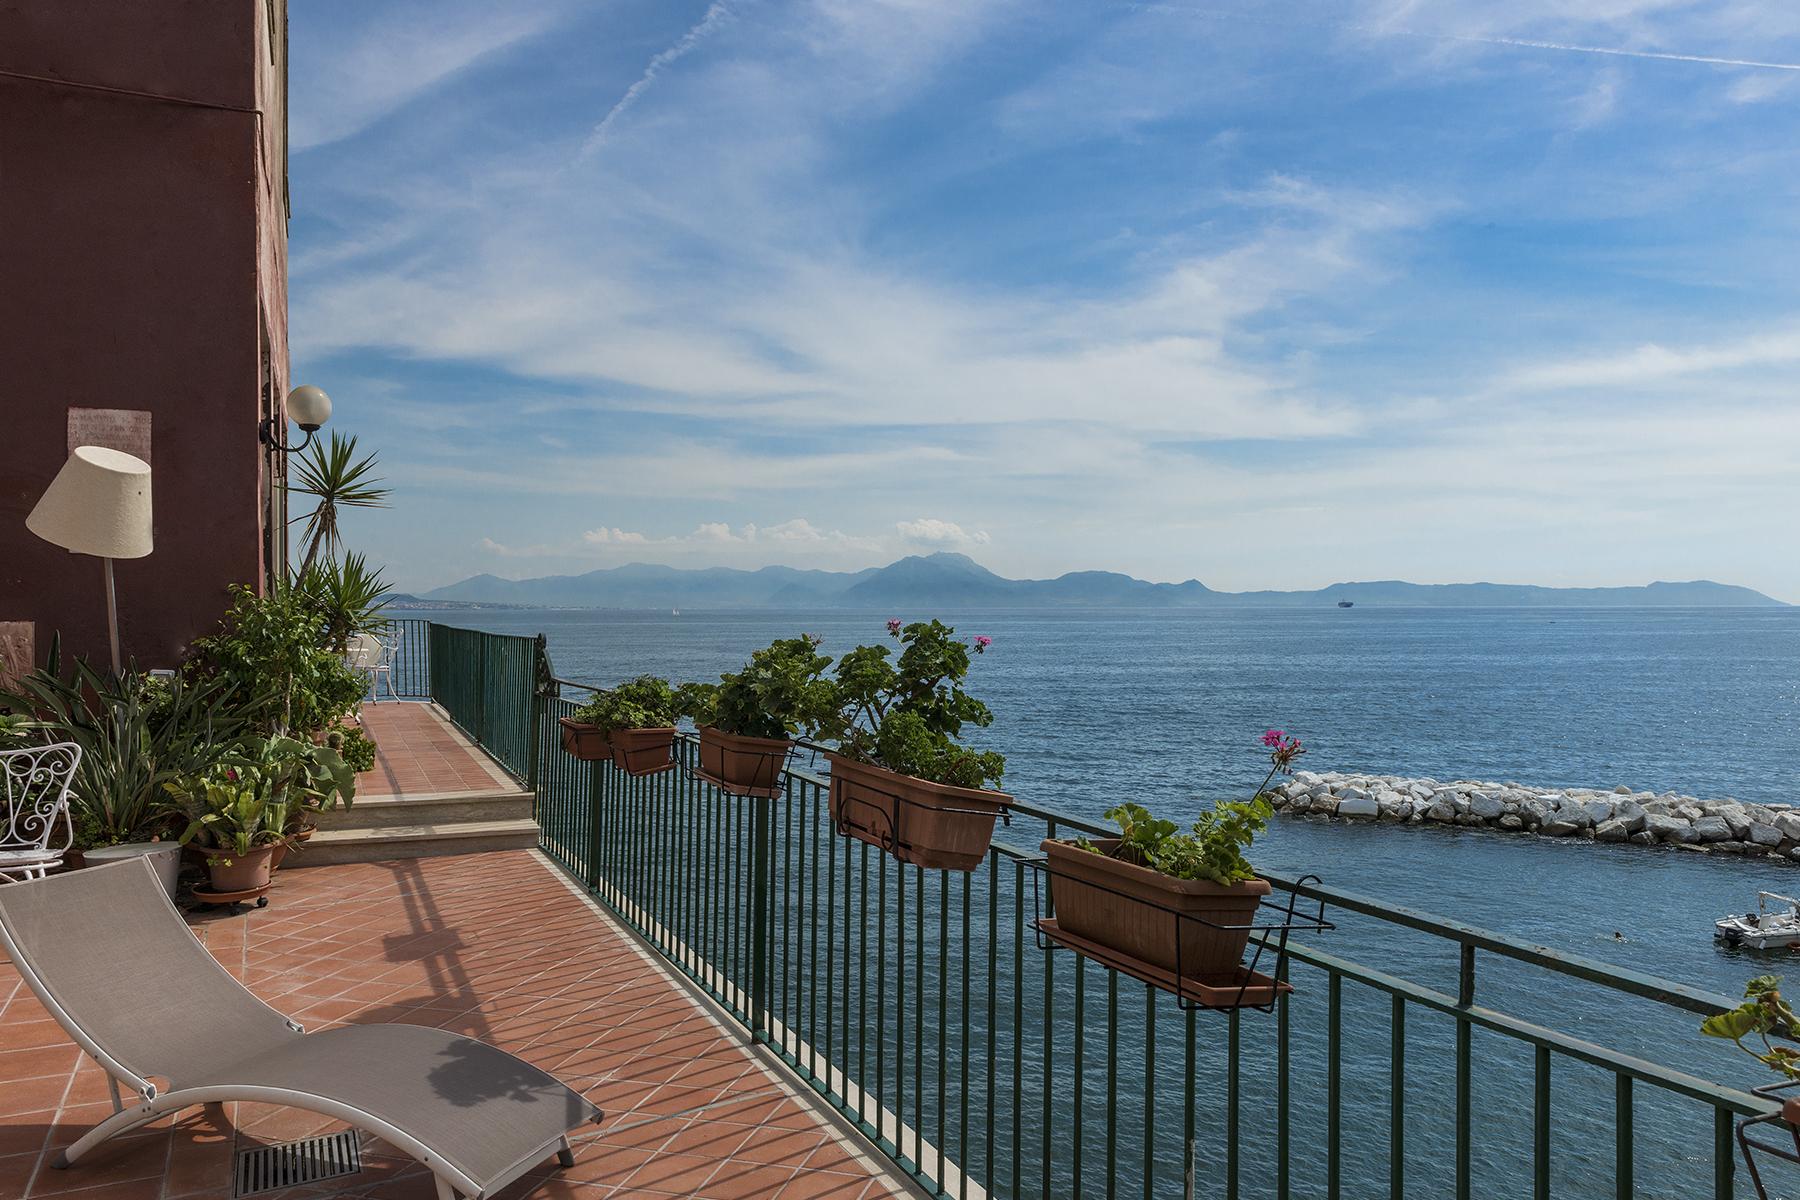 Attico in Vendita a Napoli: 5 locali, 650 mq - Foto 30